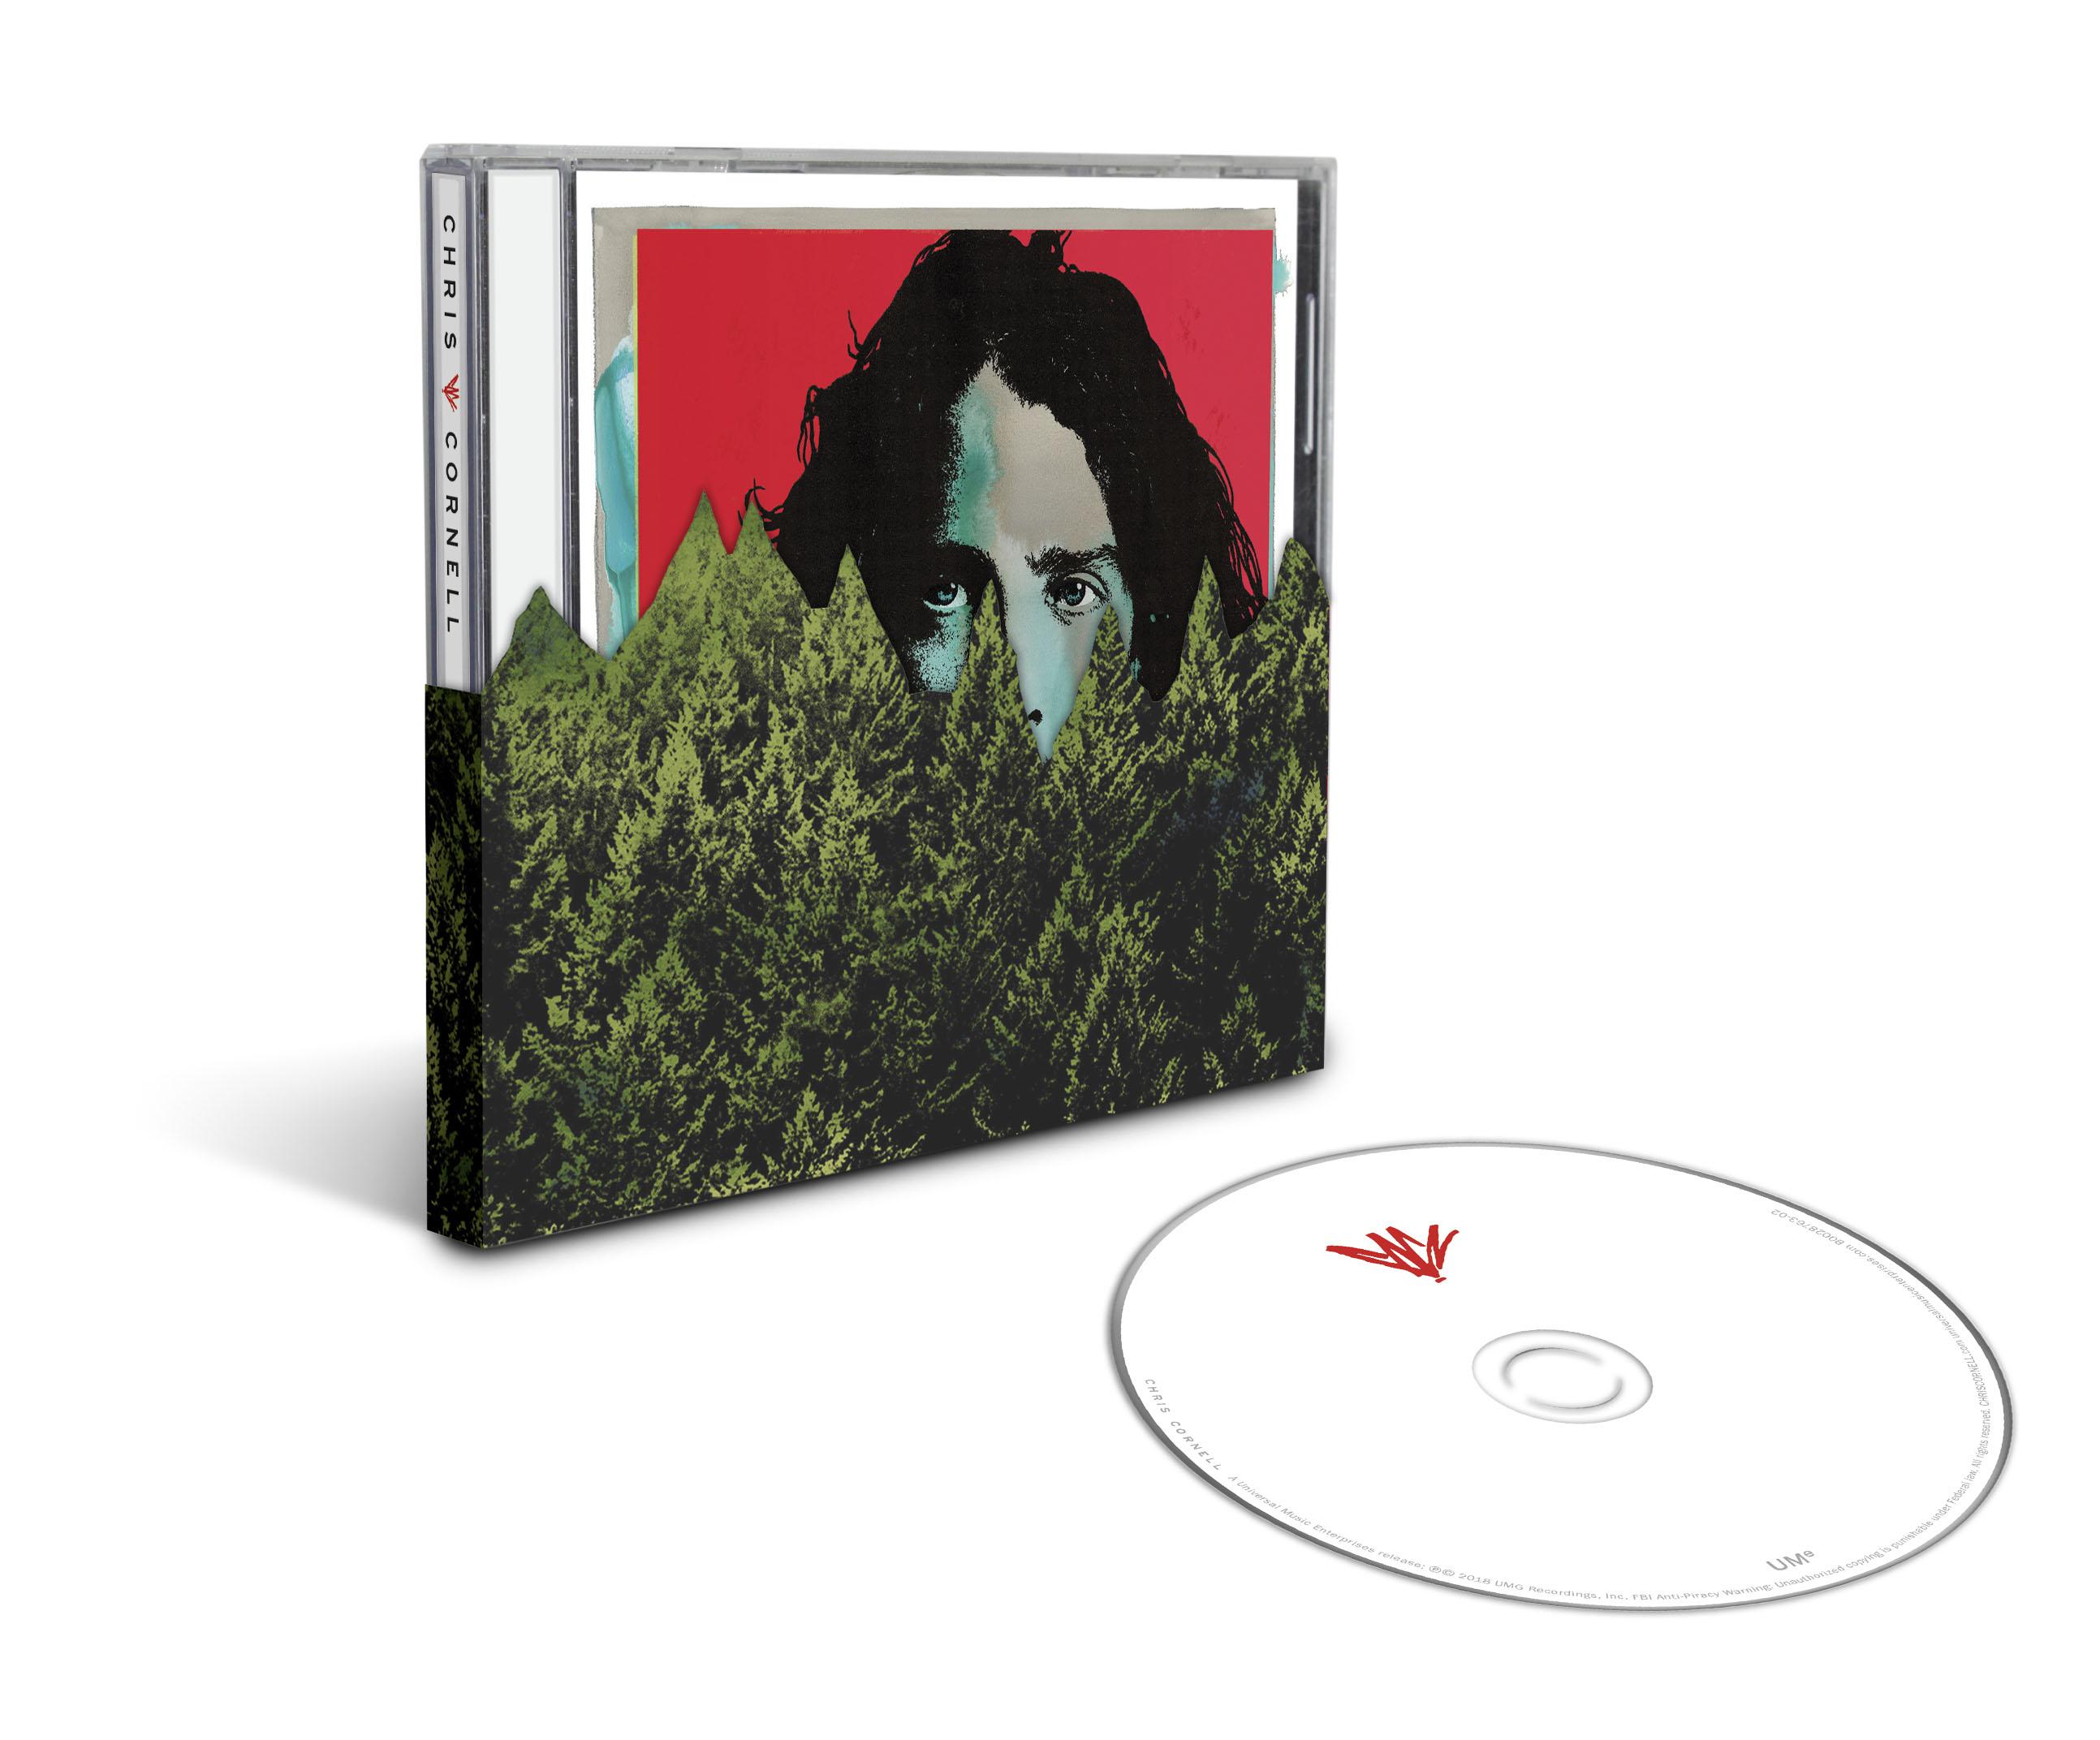 CC CD